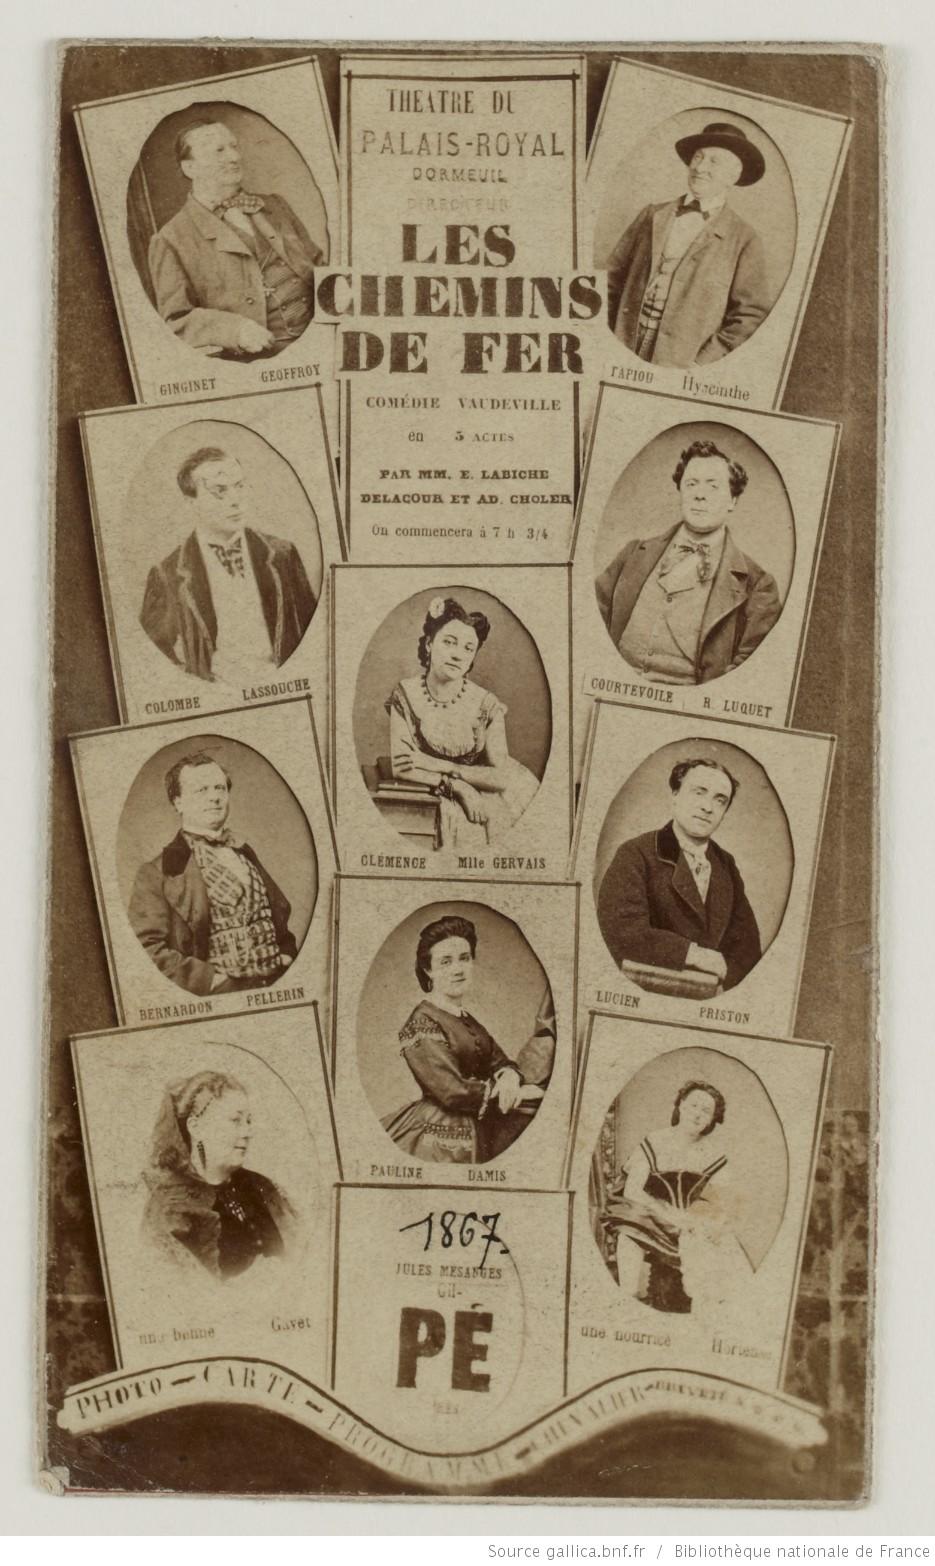 Les chemins de fer d'Eugène Labiche